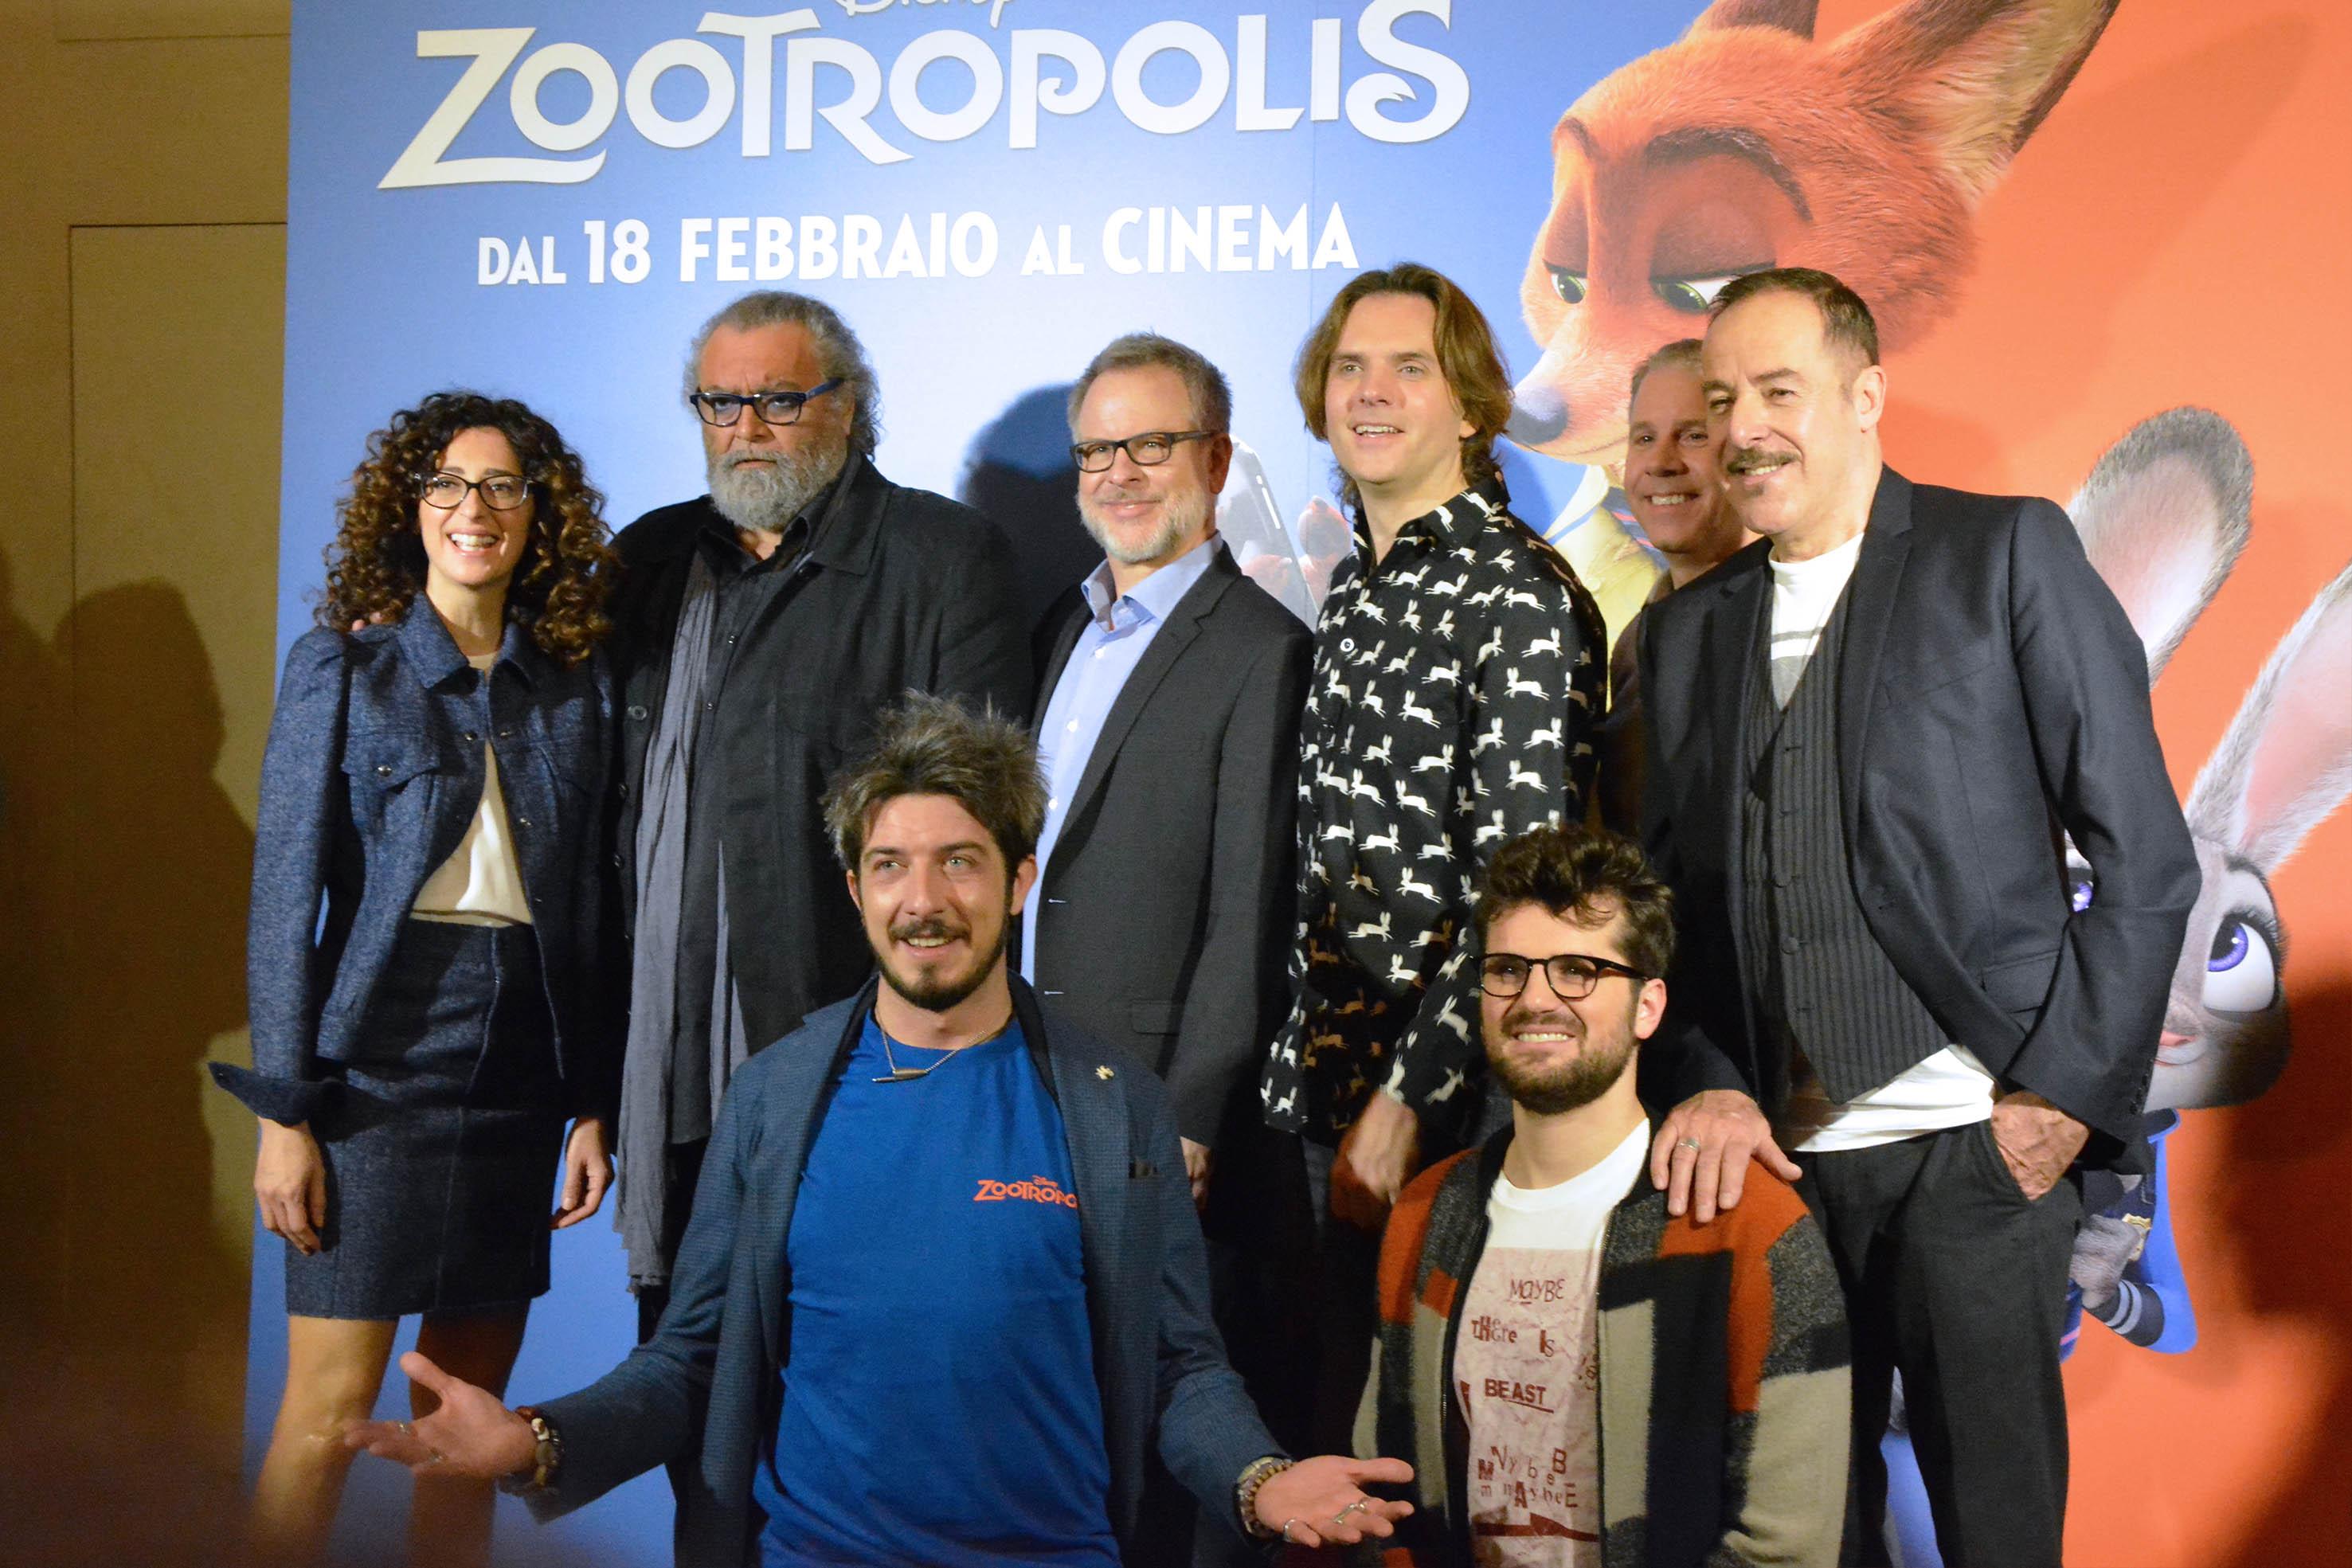 Photo Call di Zootropolis